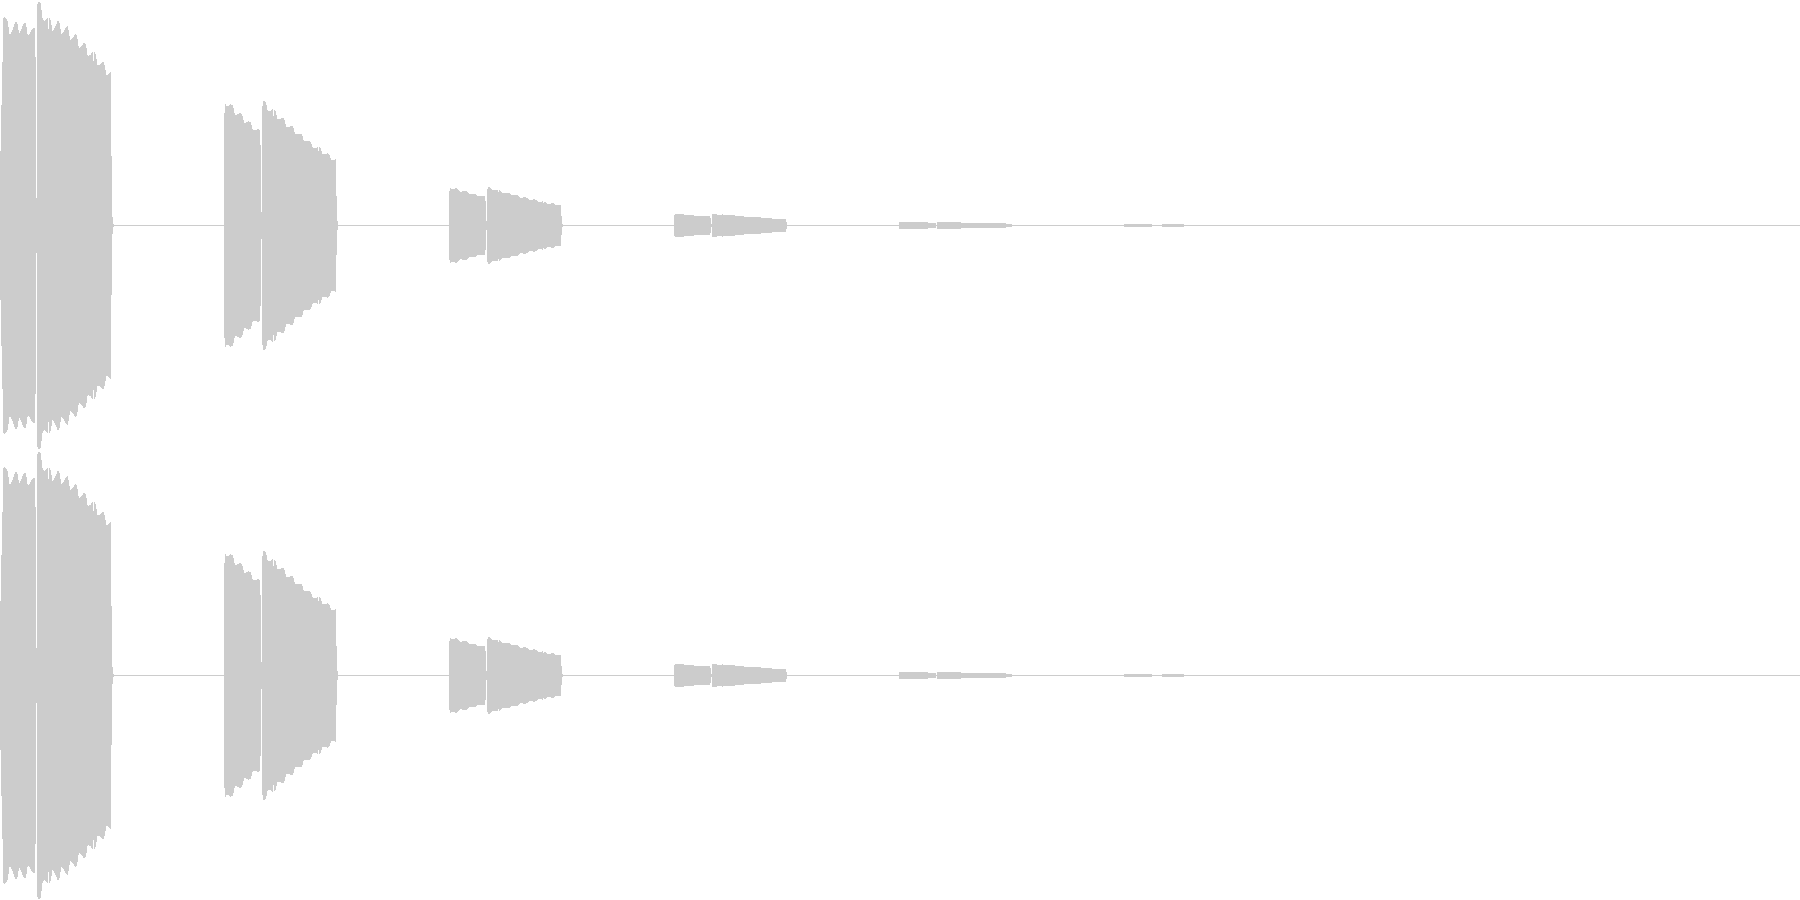 ボタン・カーソル・操作音 「ピロピロ…」の未再生の波形